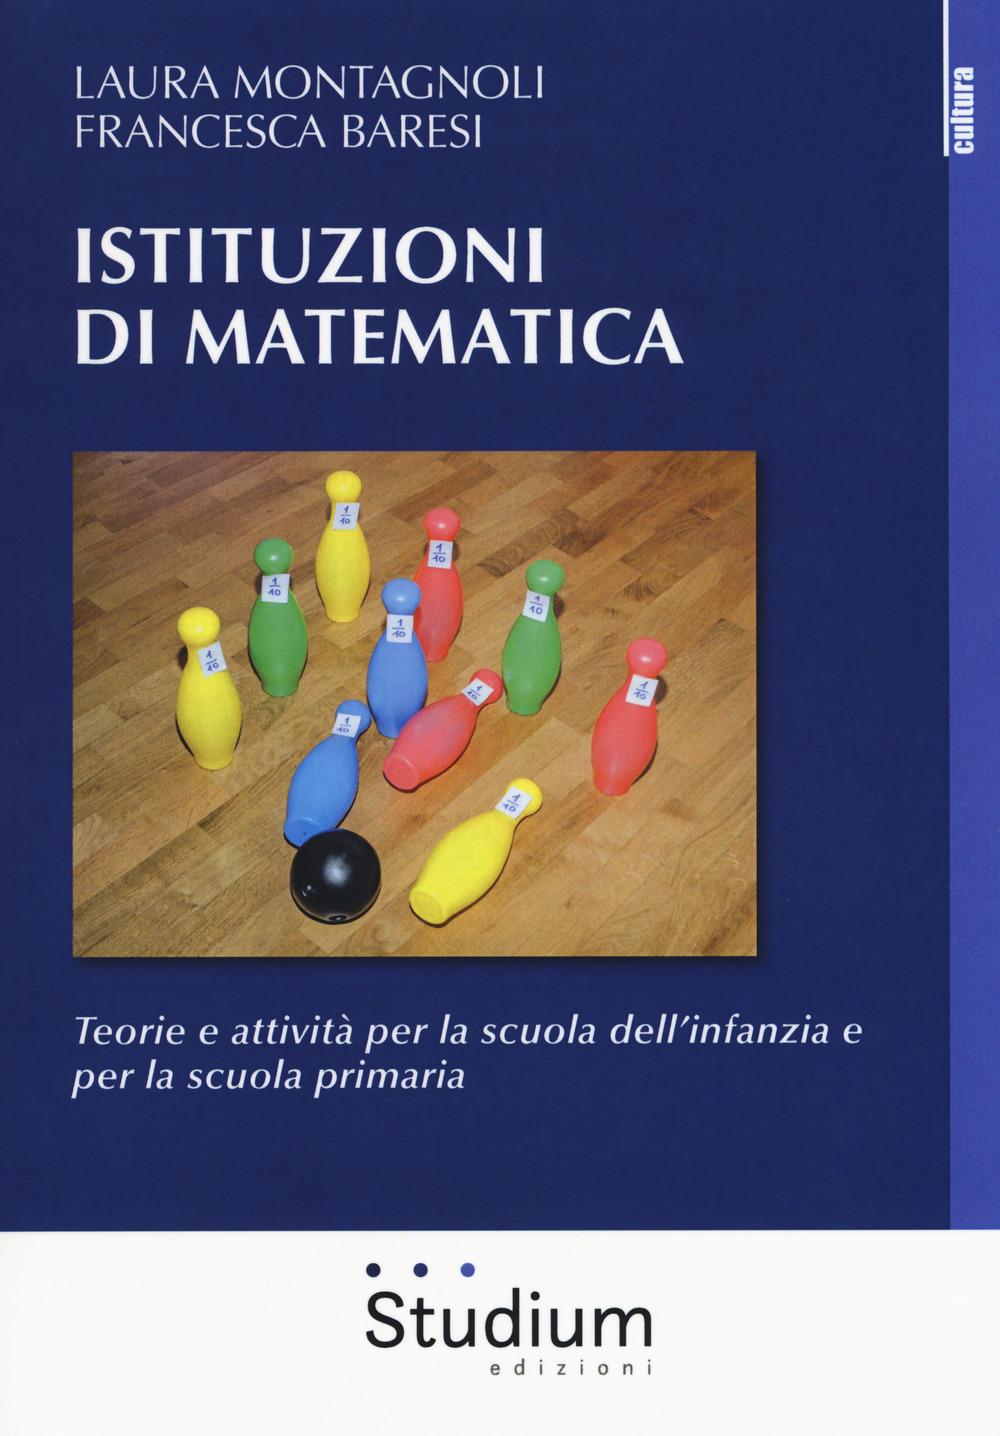 Image of Istituzioni di matematica. Teorie e attività per la scuola dell'infanzia e per la scuola primaria